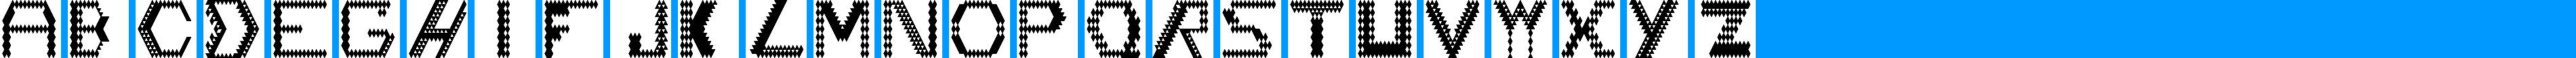 Particip-a-type v.165